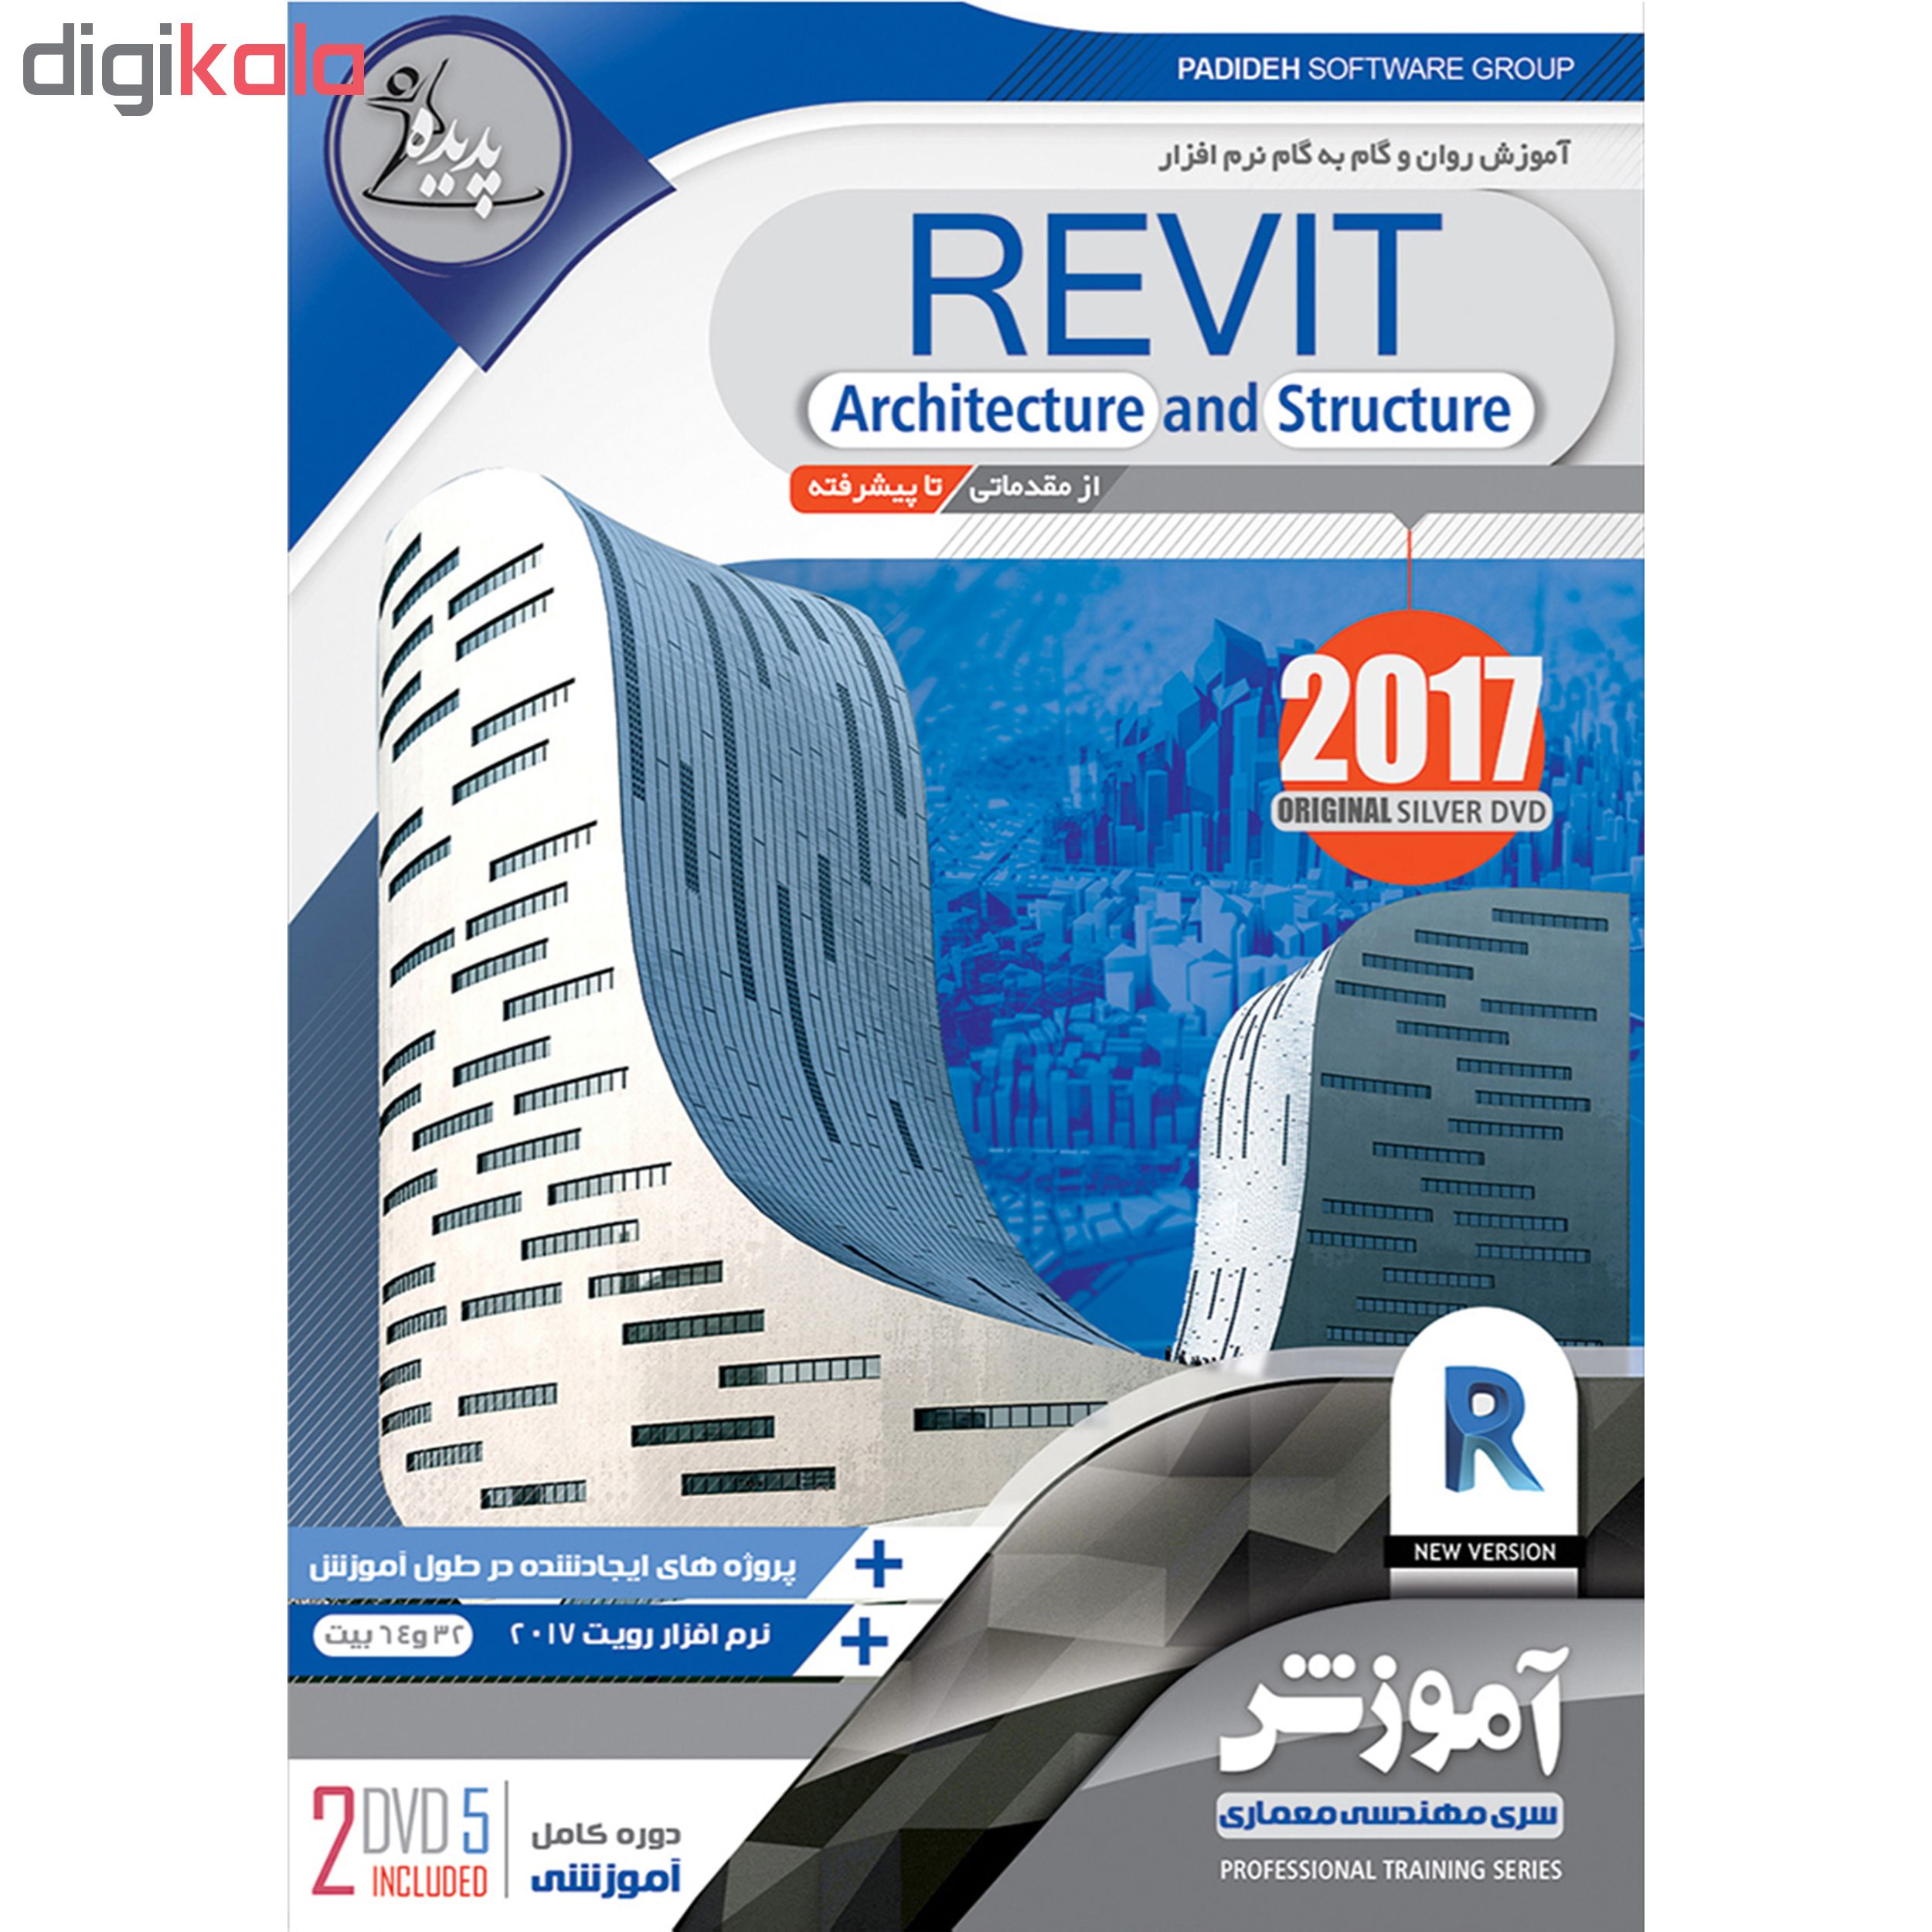 نرم افزار آموزش REVIT نشر پدیده به همراه نرم افزار آموزش ETABS نشر پدیده